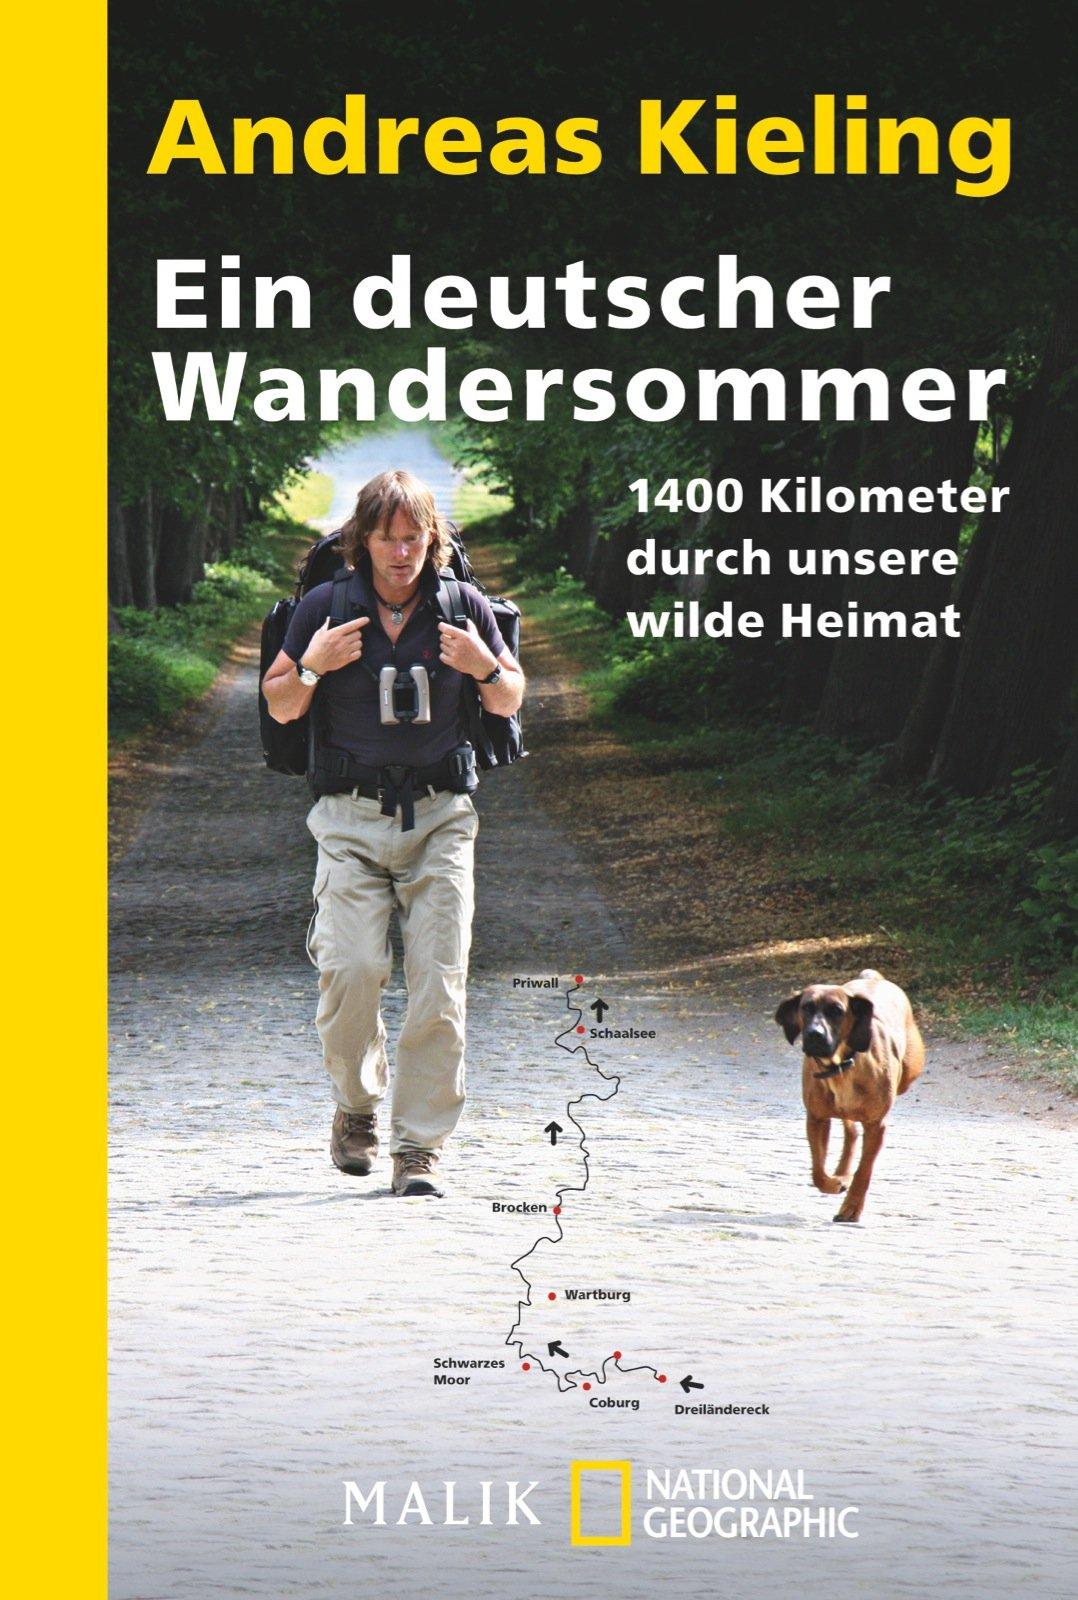 Ein deutscher Wandersommer: 1400 Kilometer durch unsere wilde Heimat Taschenbuch – 12. Februar 2013 Andreas Kieling Sabine Wünsch NG Taschenbuch 3492404715